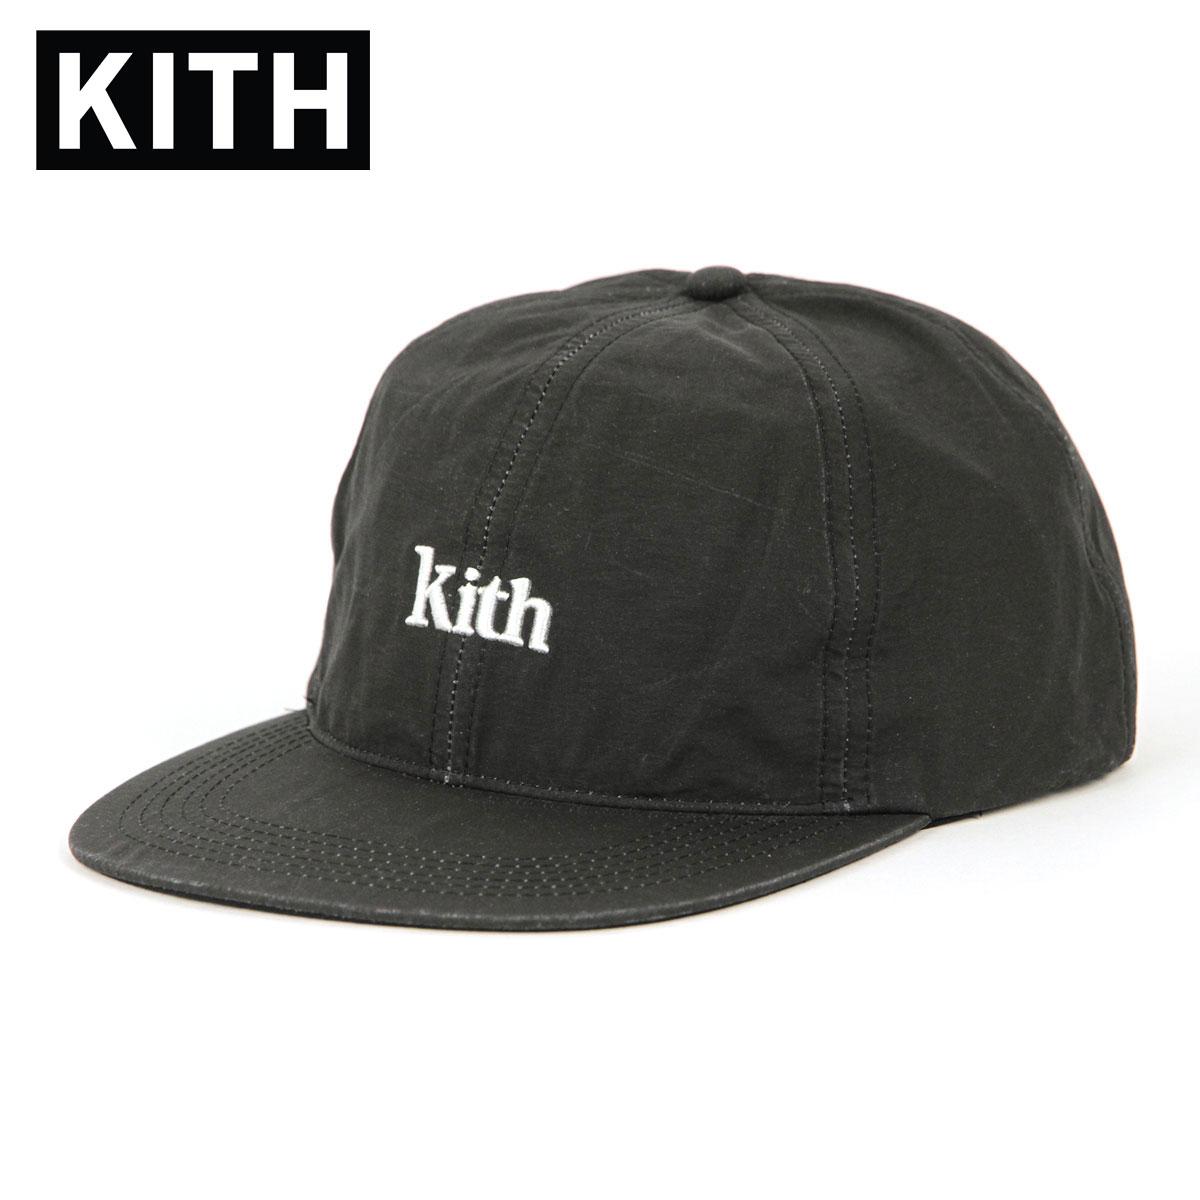 キス キャップ メンズ 正規品 KITH 帽子 KITH SWIM CAP KH5715-100 BLACK 父の日